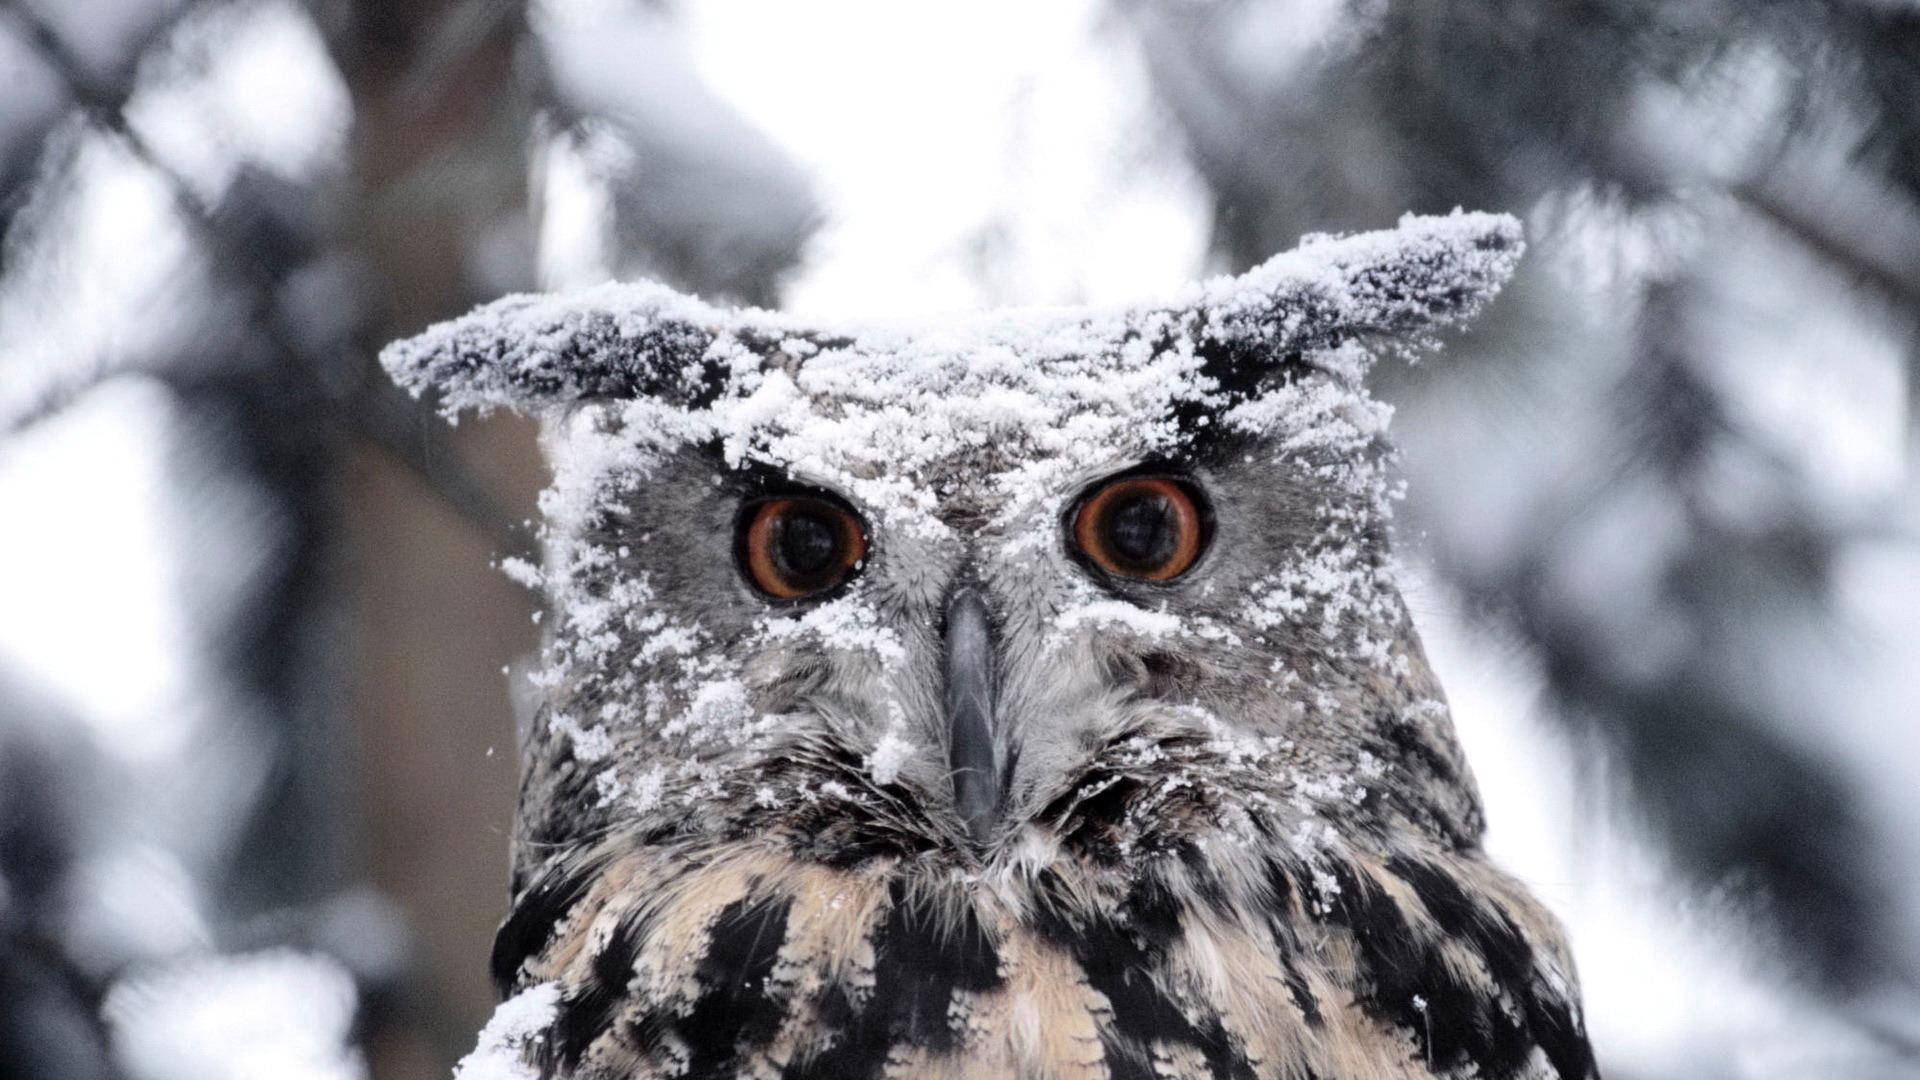 Как правильно кормить птиц зимой: 5 советов бердвотчера